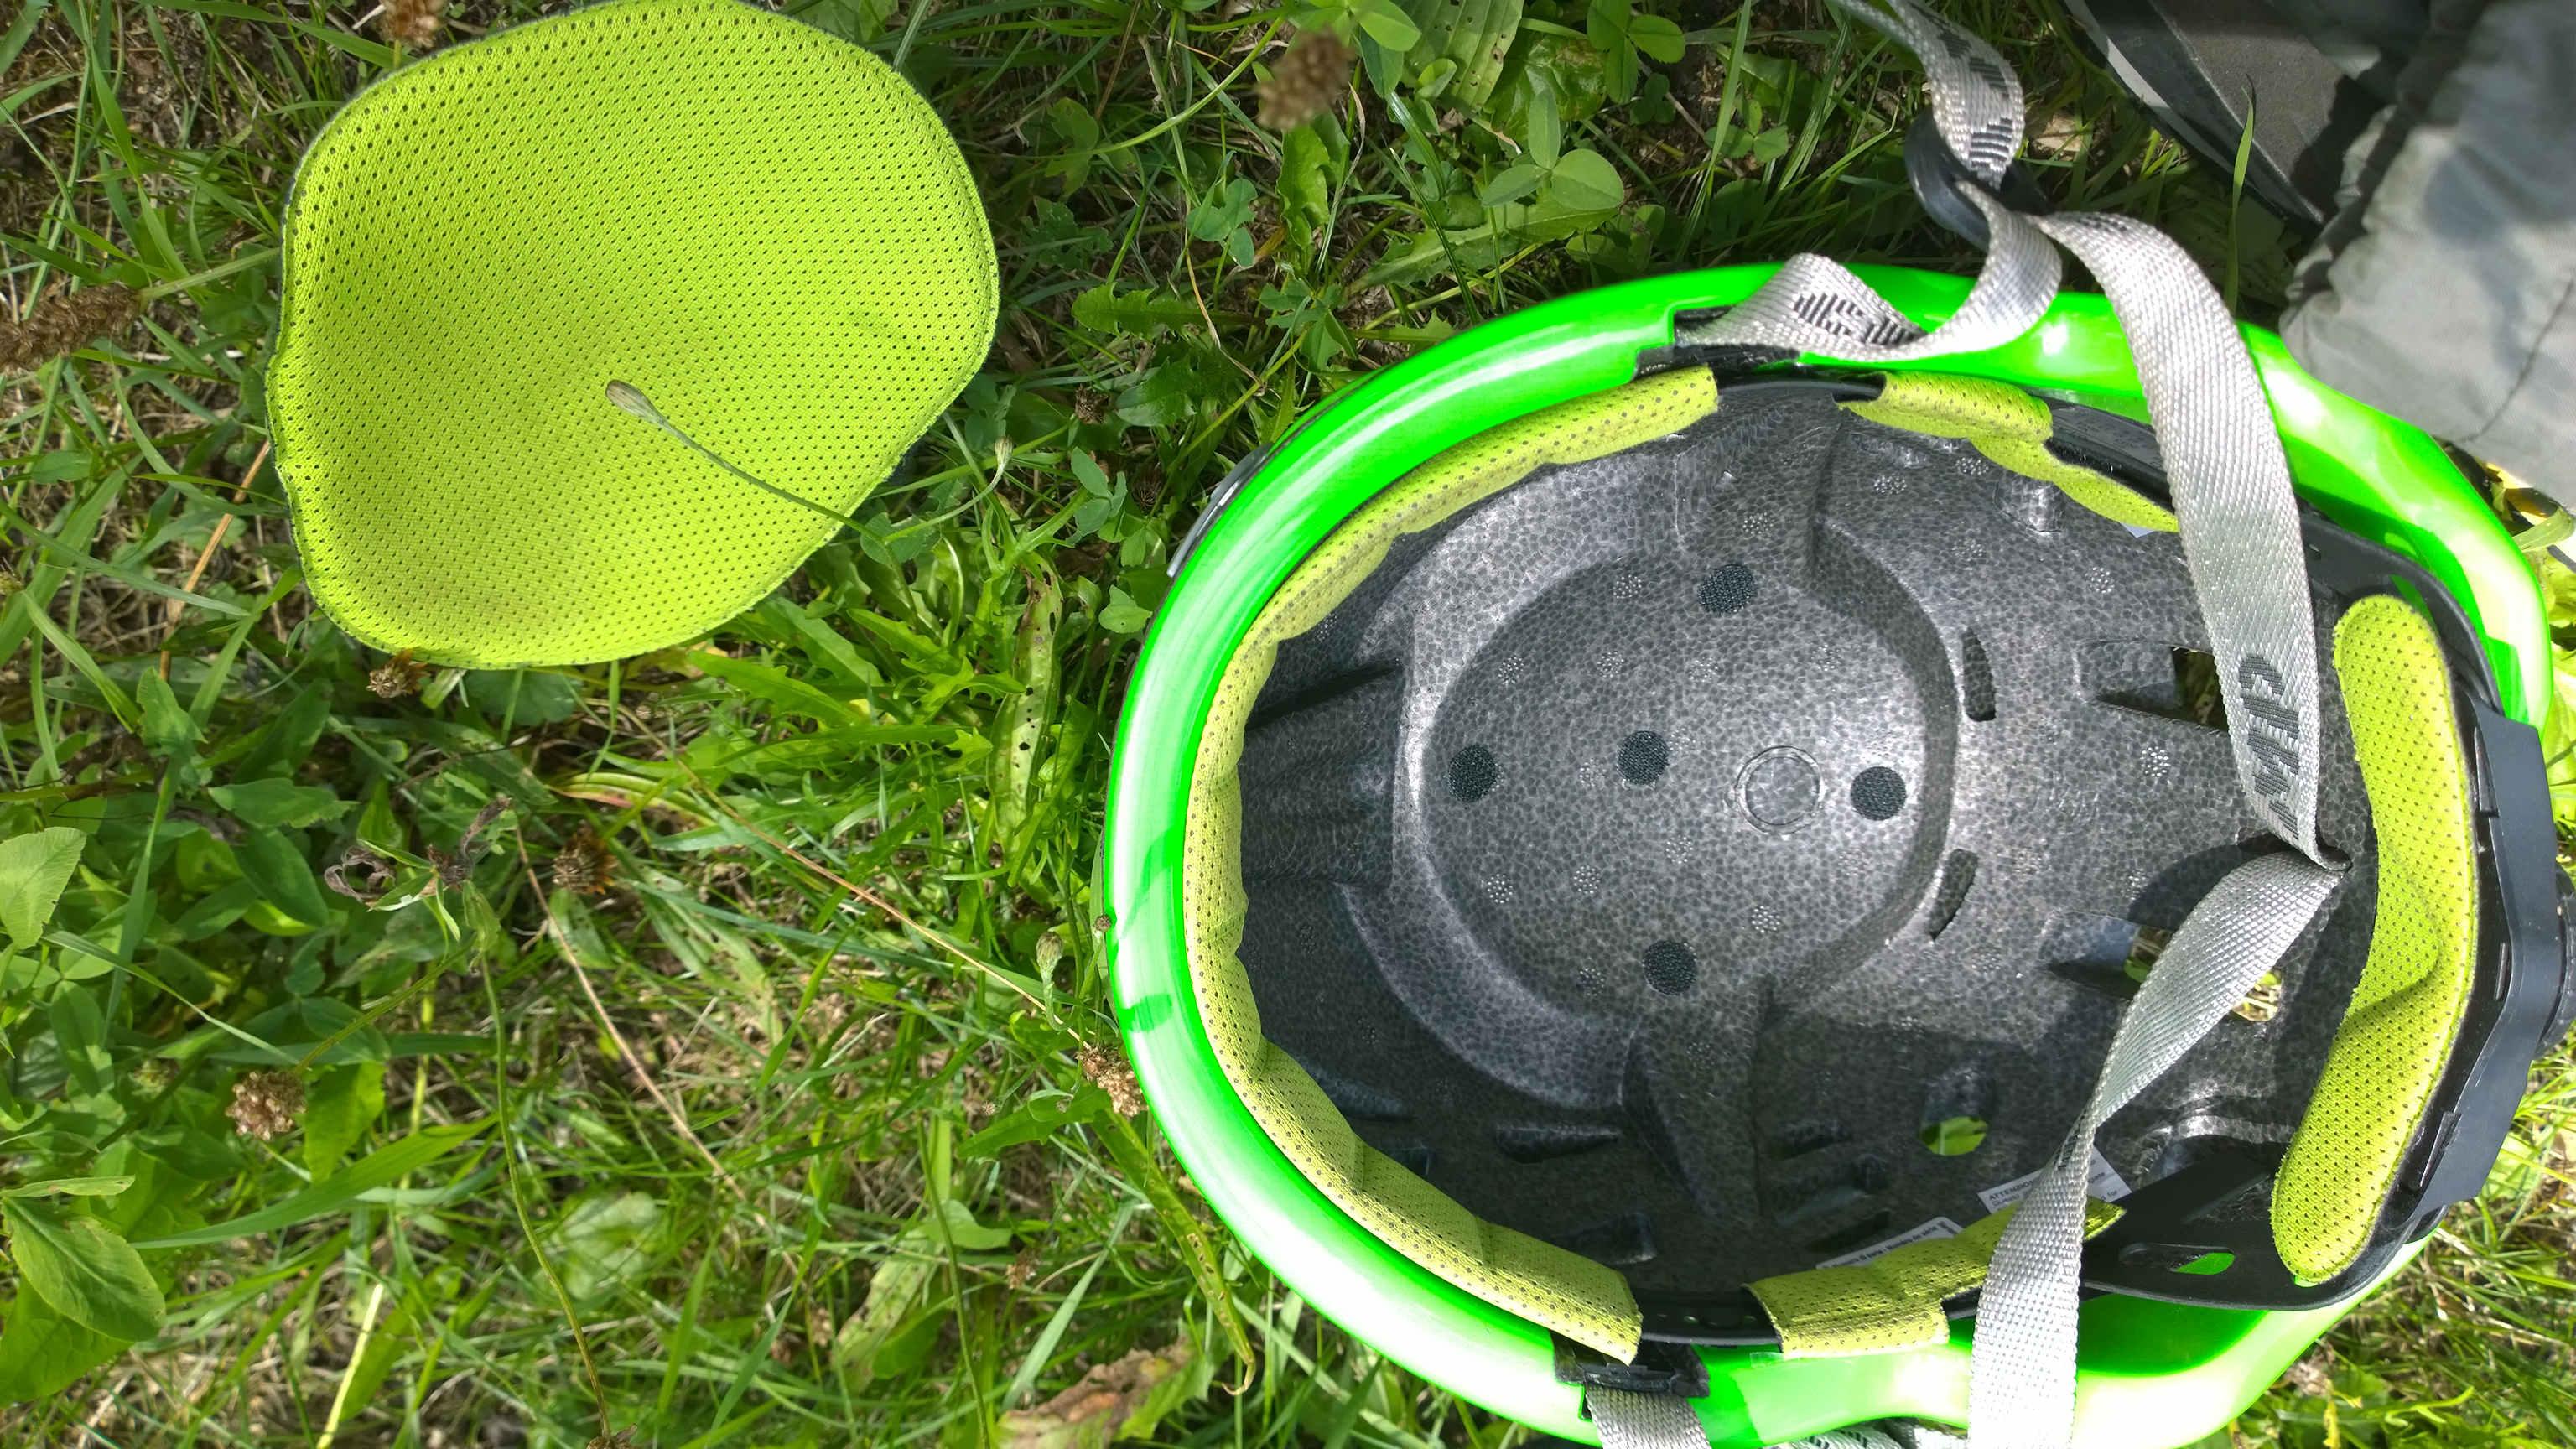 Prilba Camp speed a jej vyberateľná vystielka hlavy